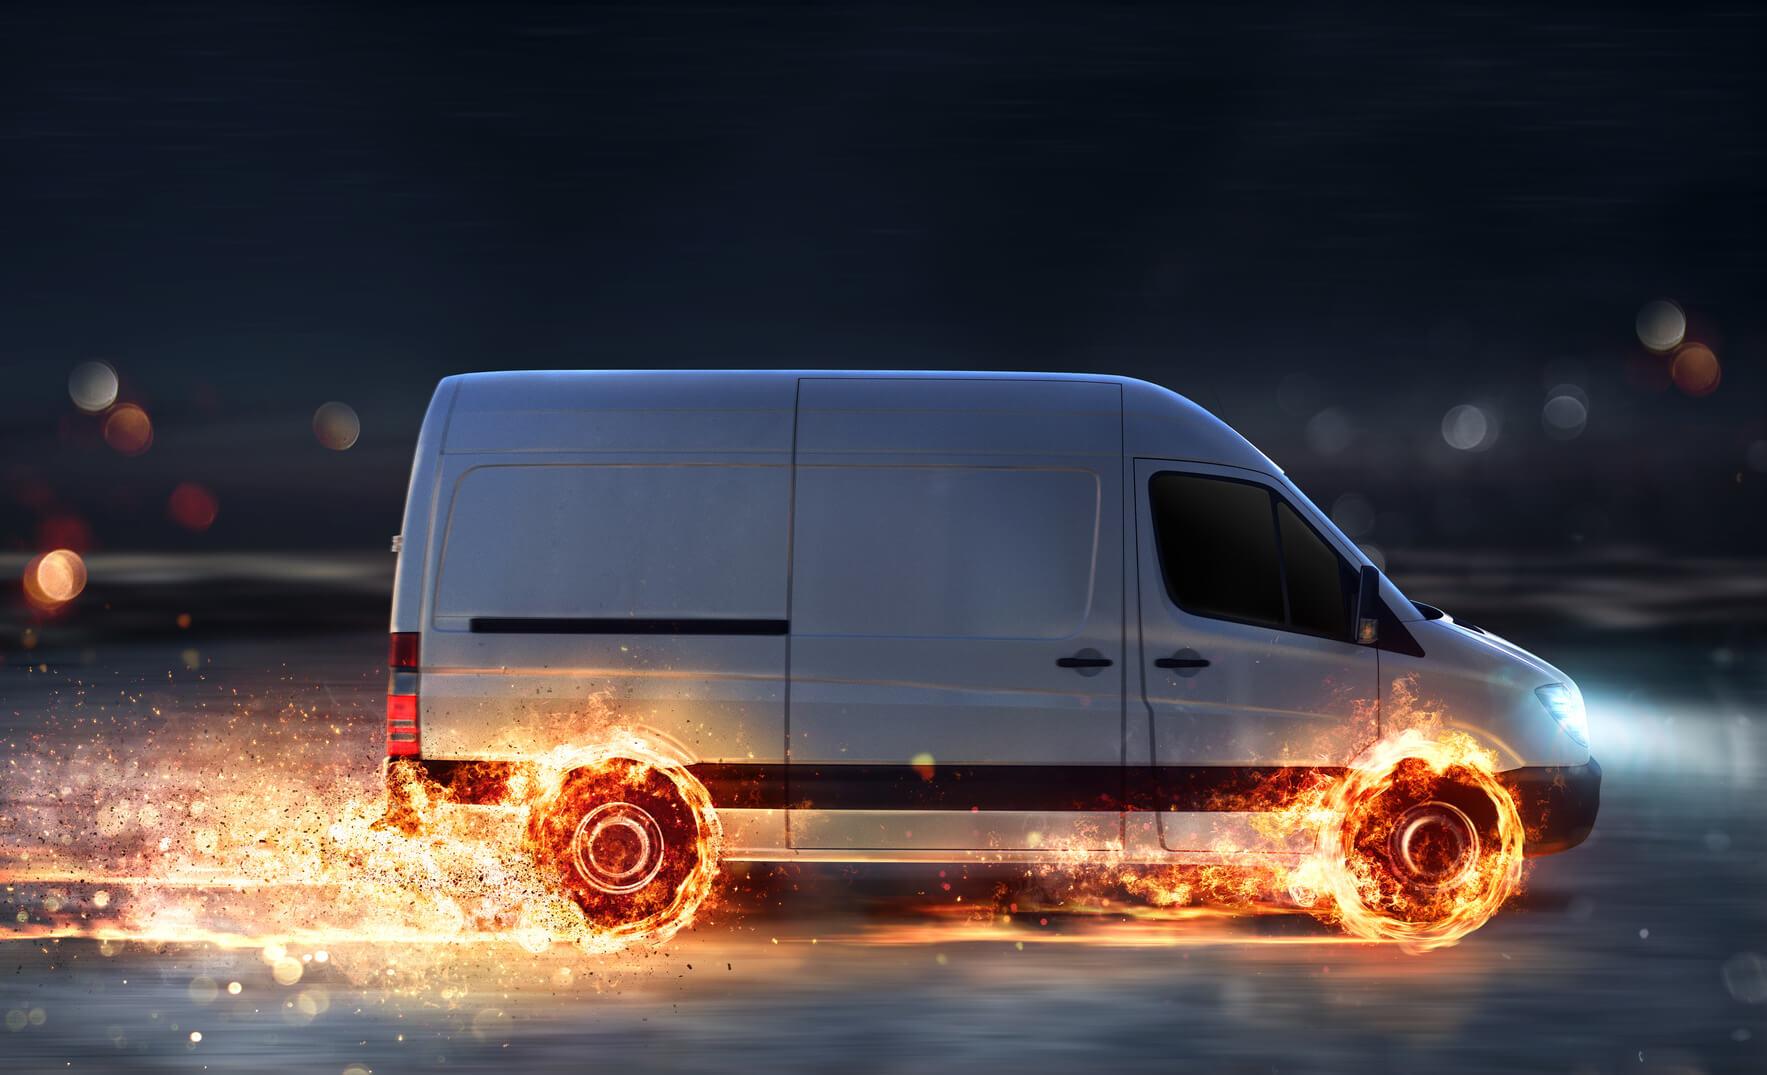 Hitzewellen können zu Reifenbrand führen